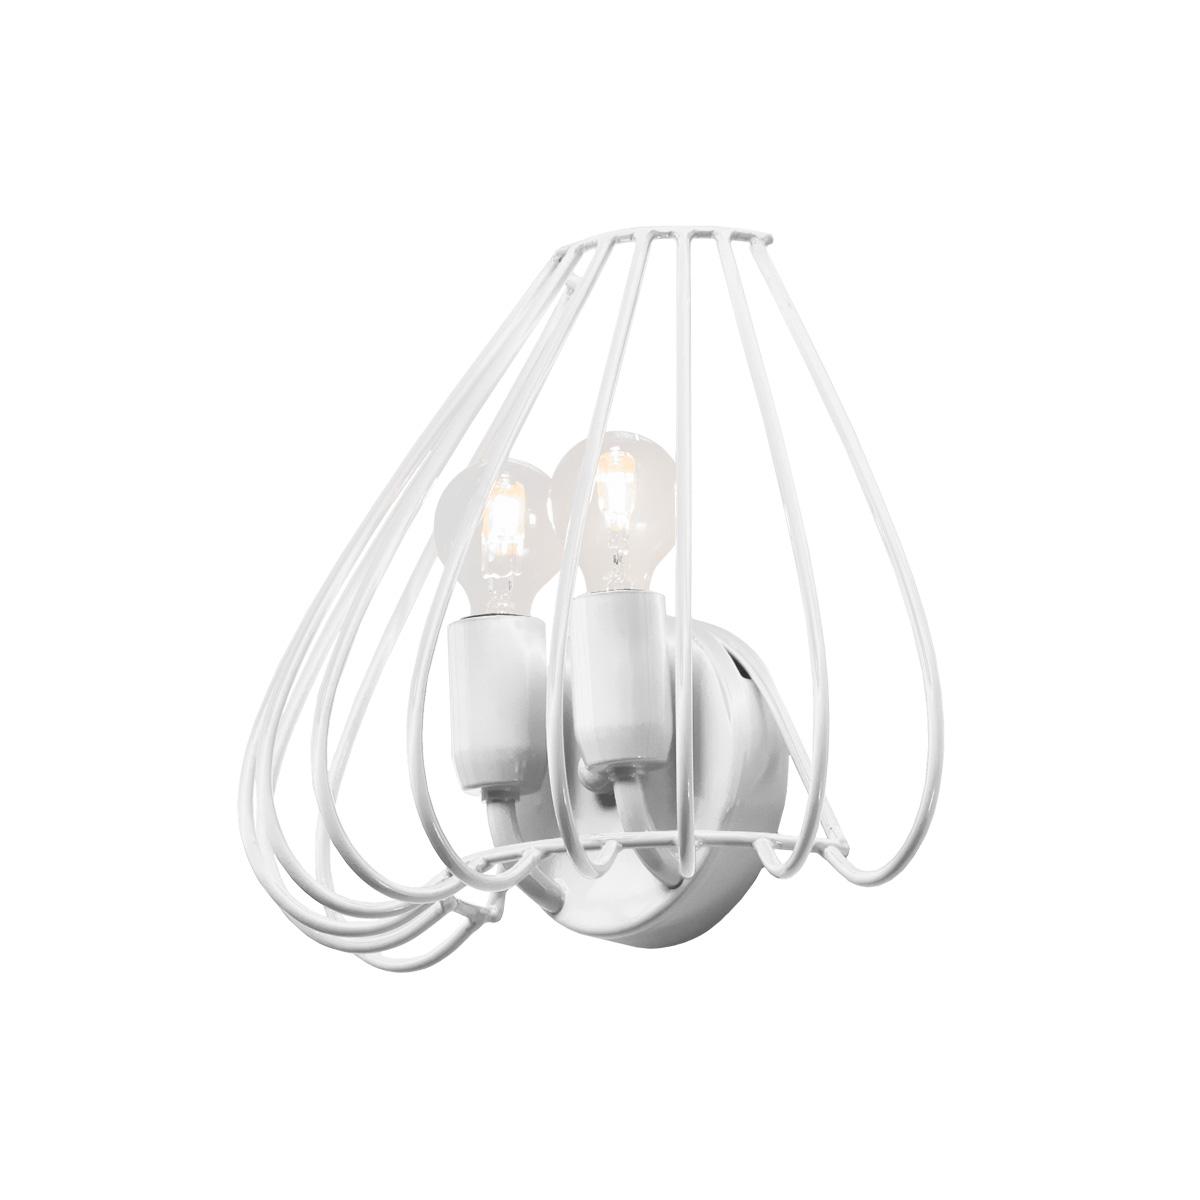 Μοντέρνα απλίκα CELLI modern wall lamp